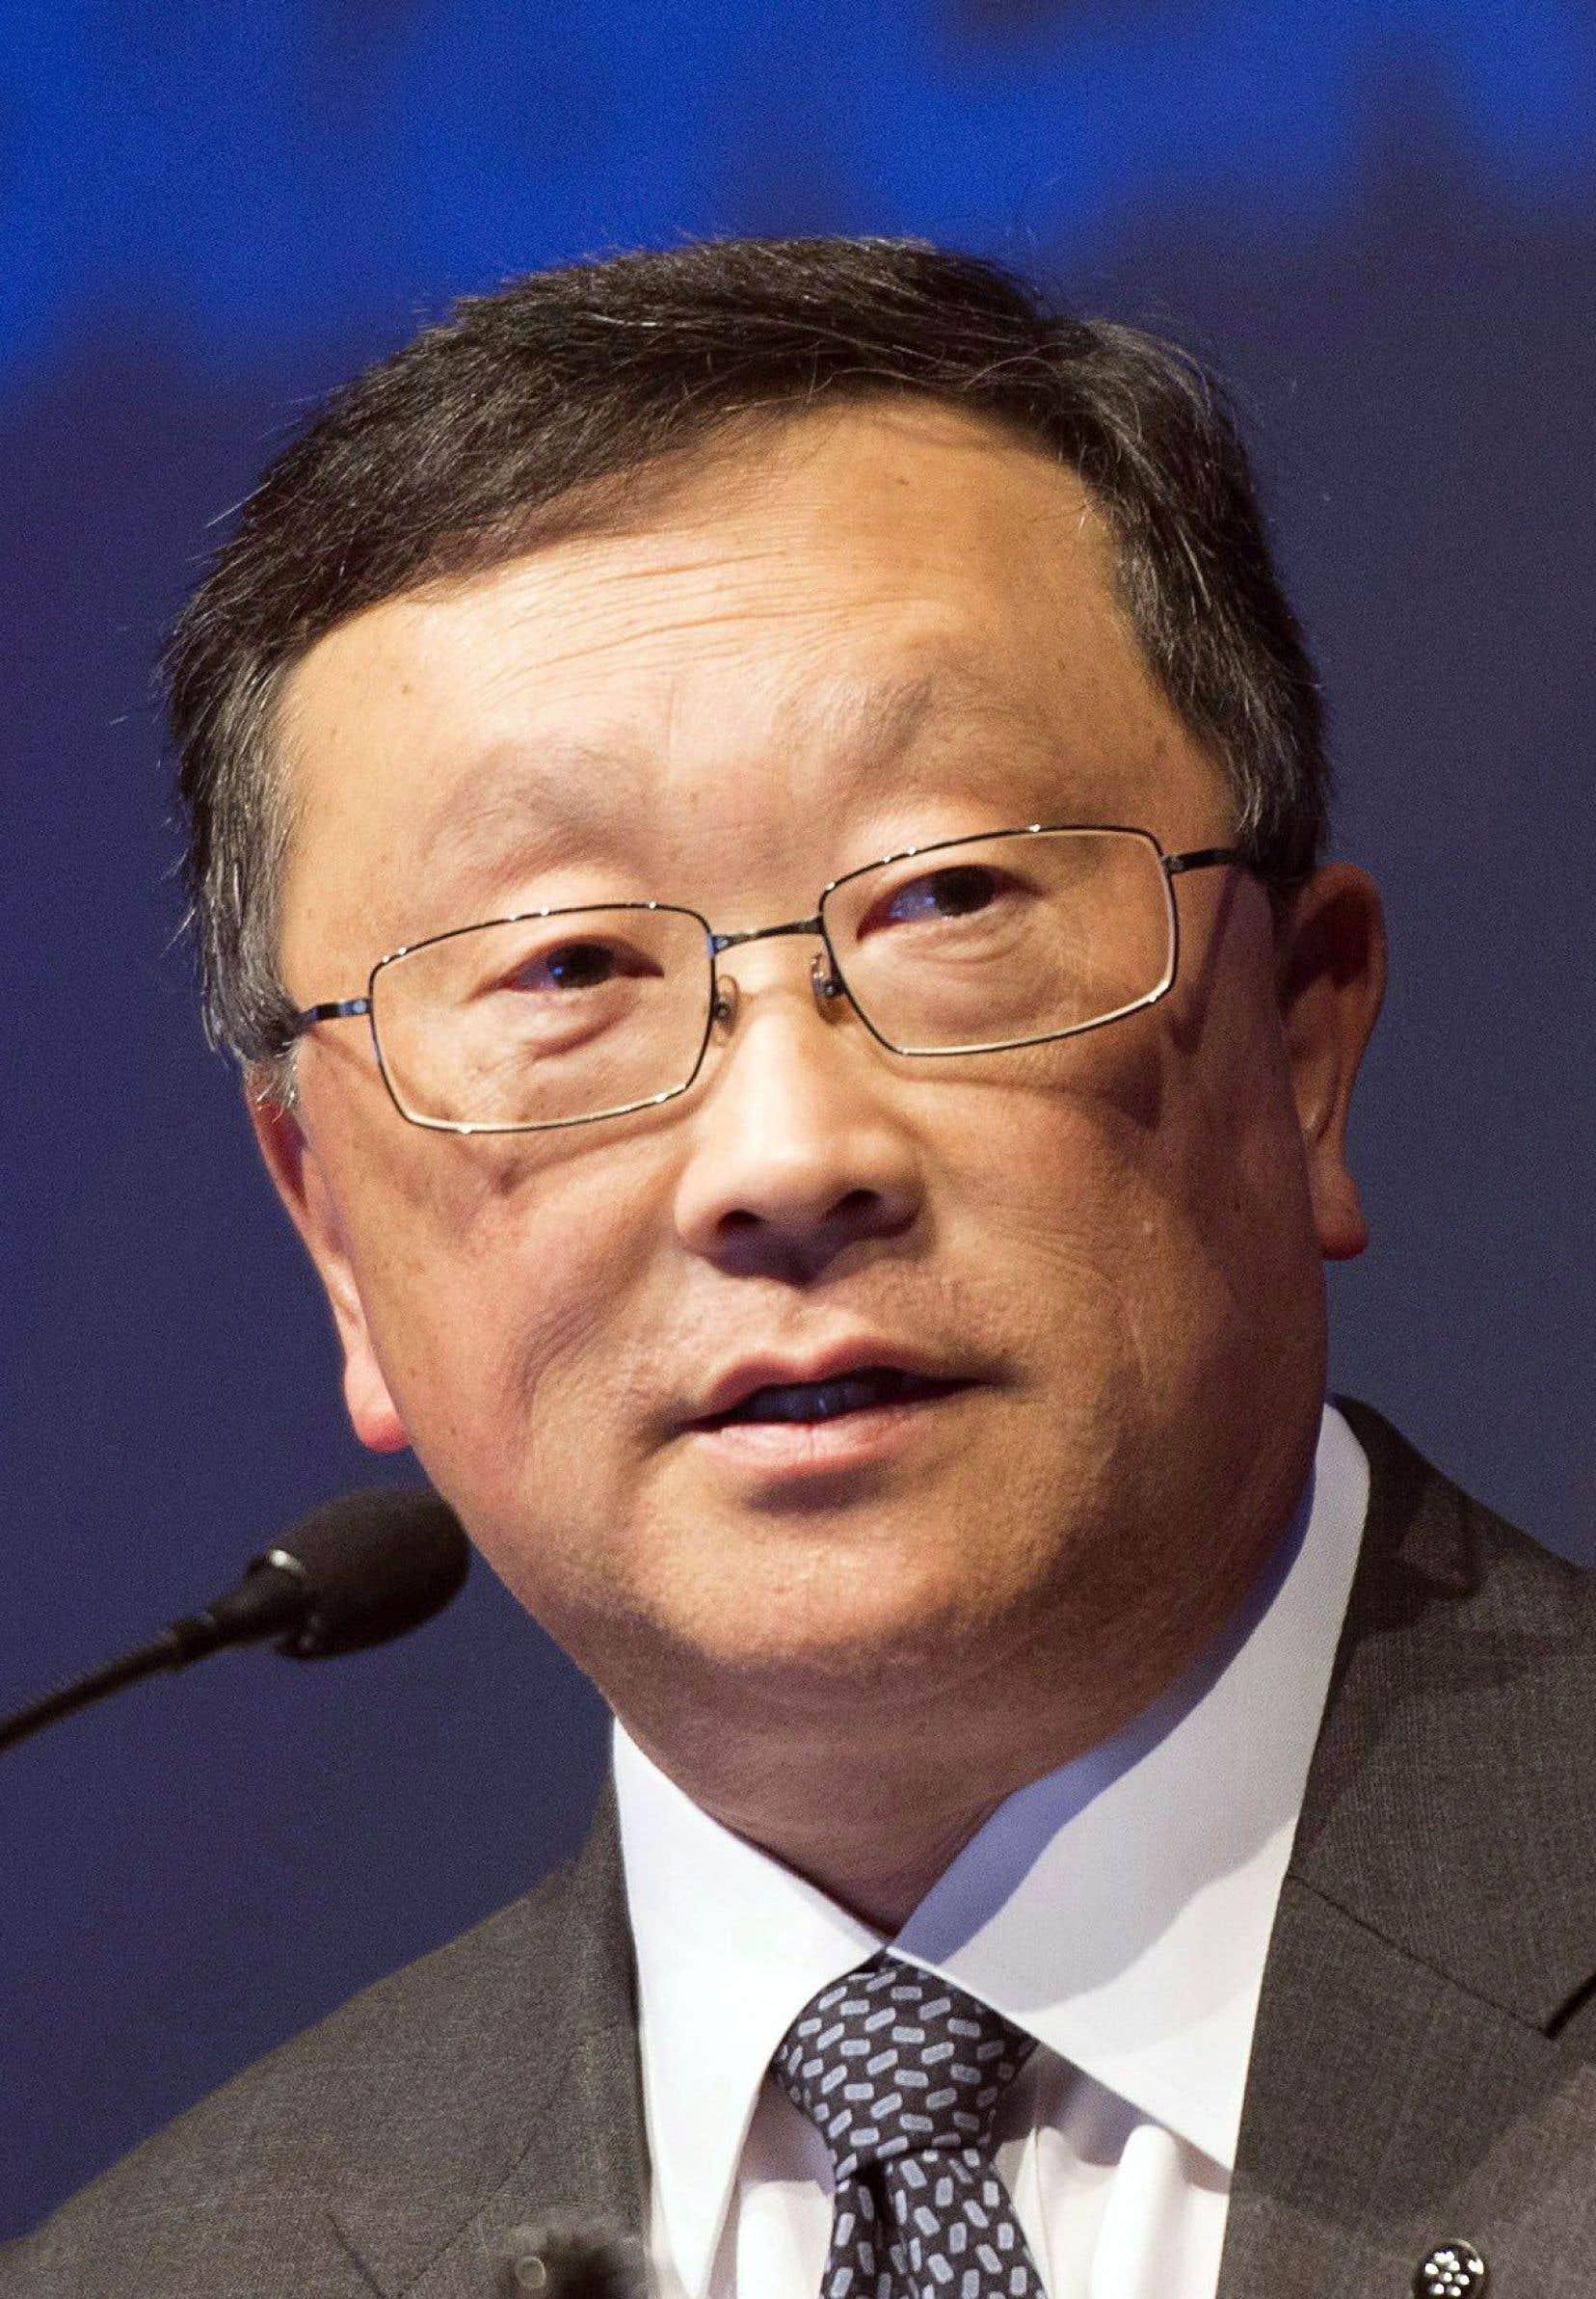 Le président et chef de la direction de BlackBerry,John Chen